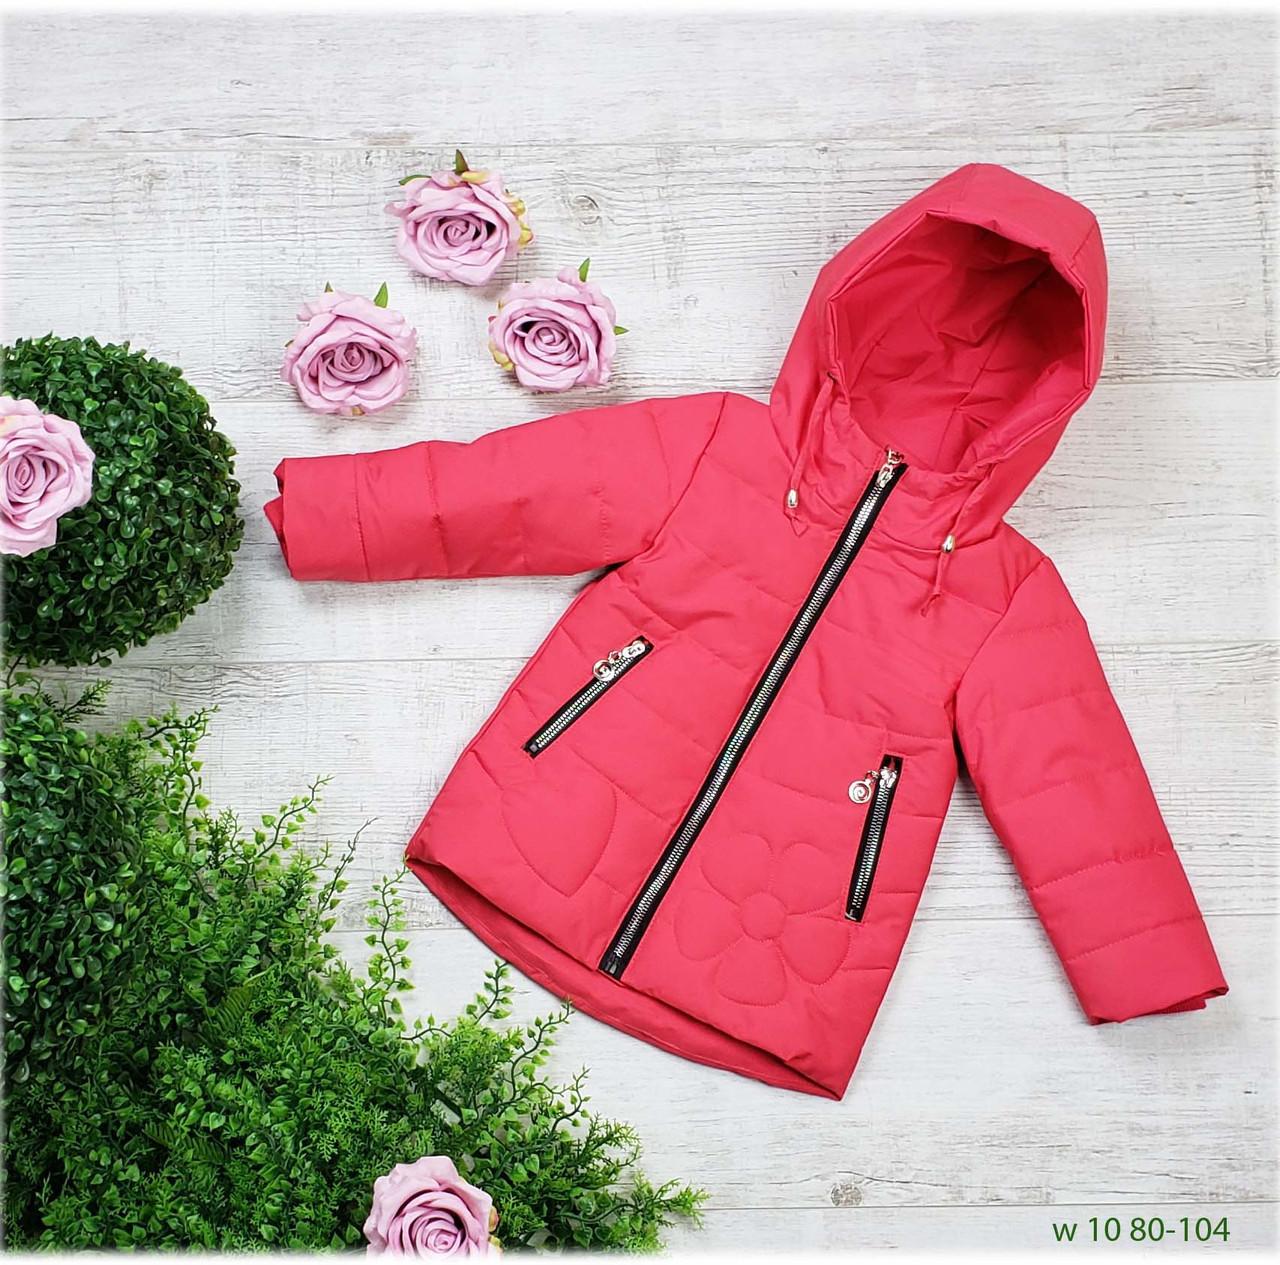 Куртка весна-осень w-10, размеры 80-104 (1-3 лет), цвет красный